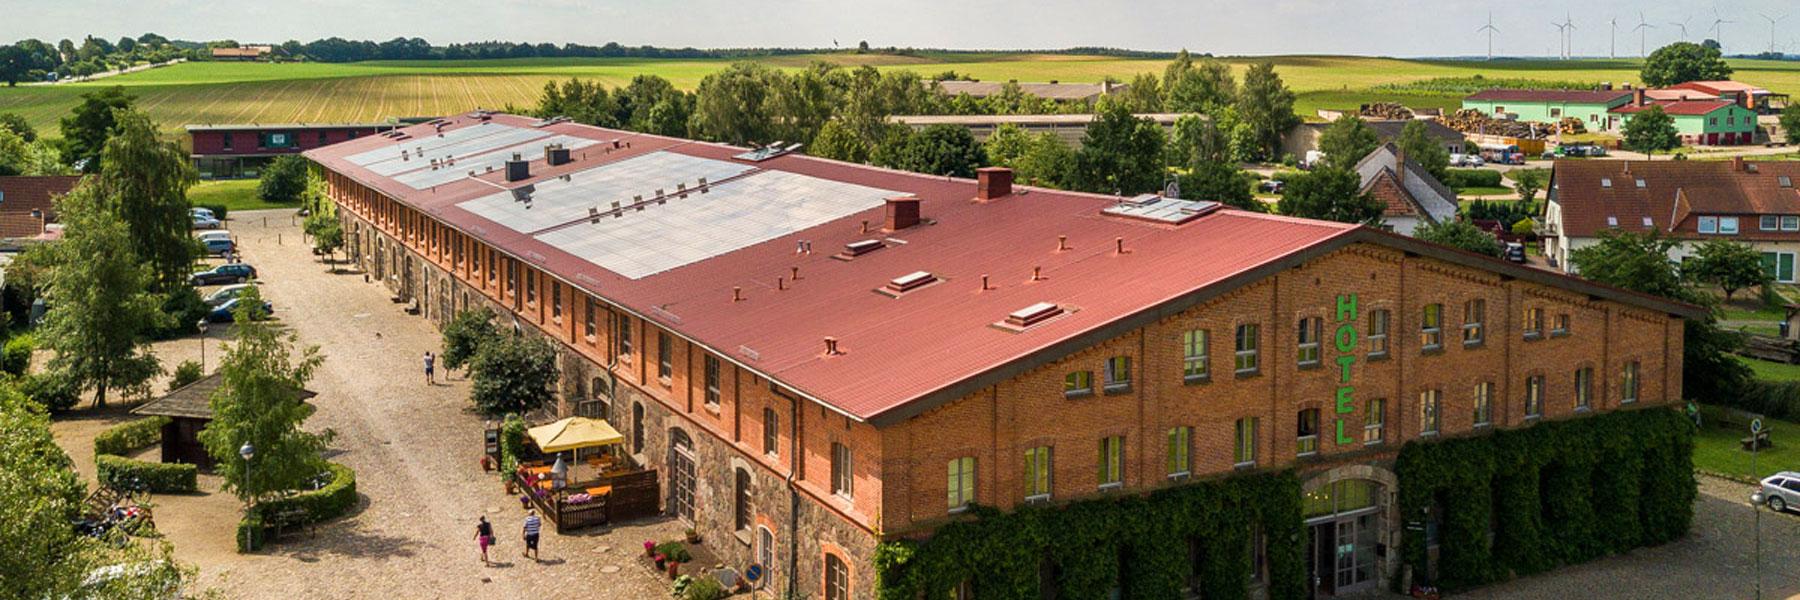 Bollewick - Landhotel Zur Scheune